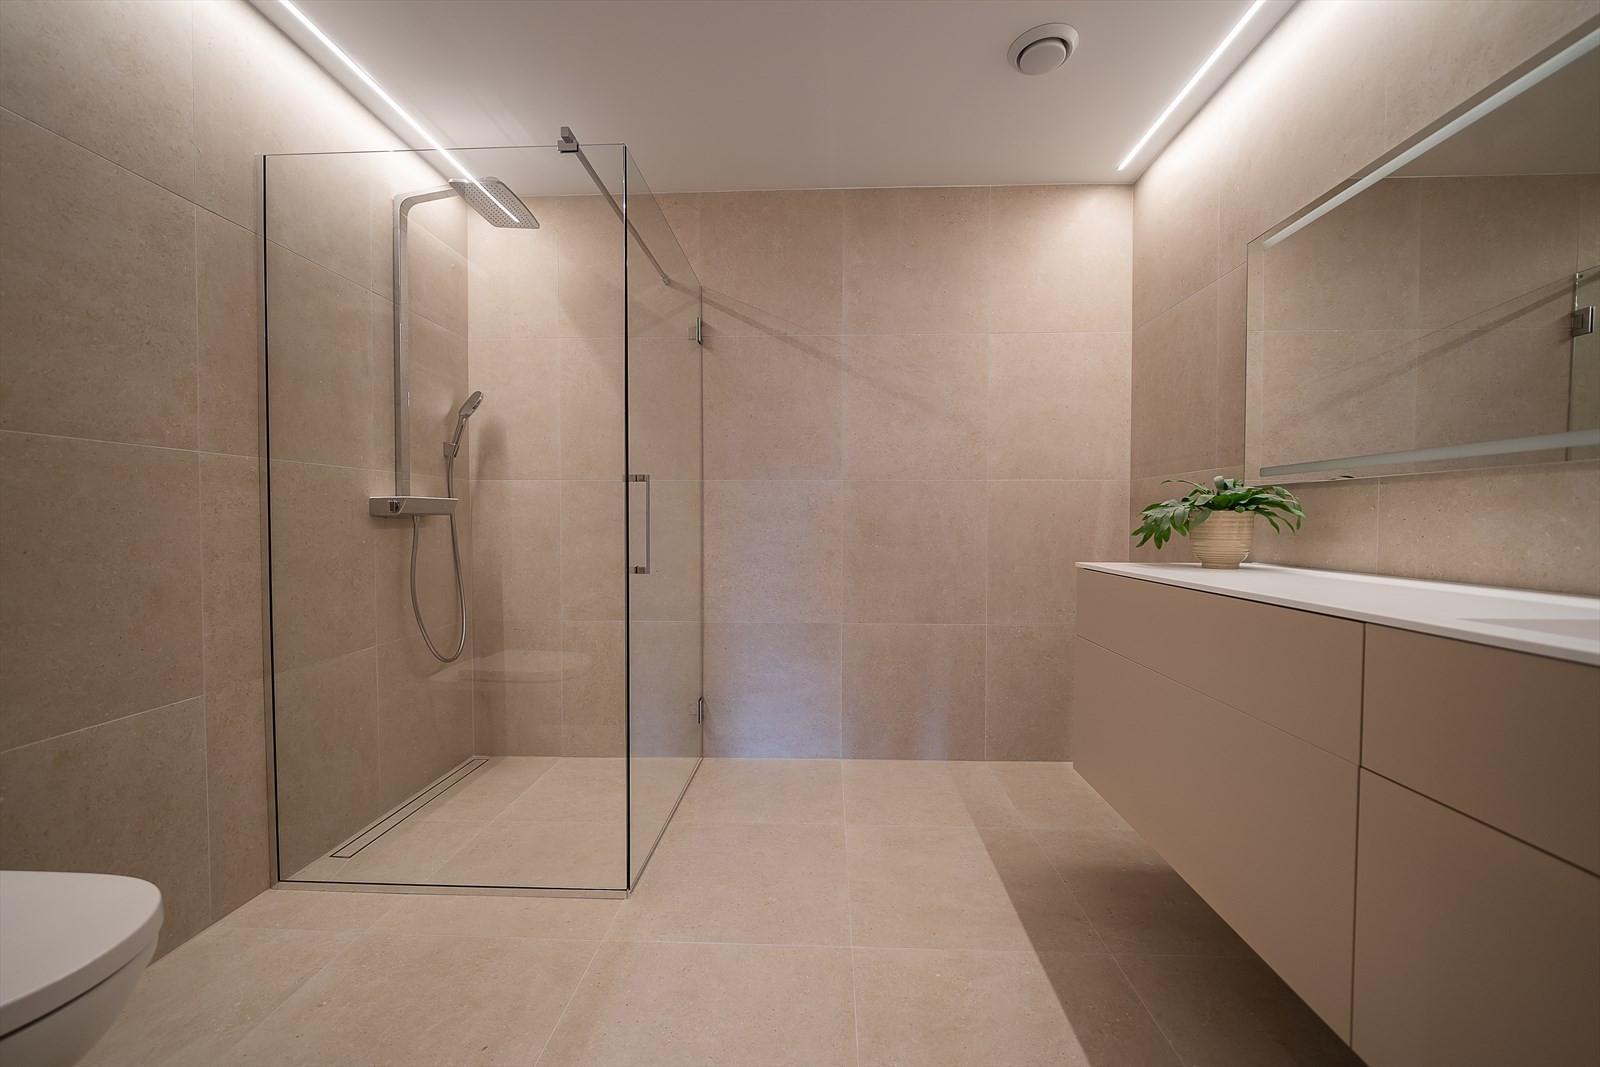 Badet er av fin størrelse